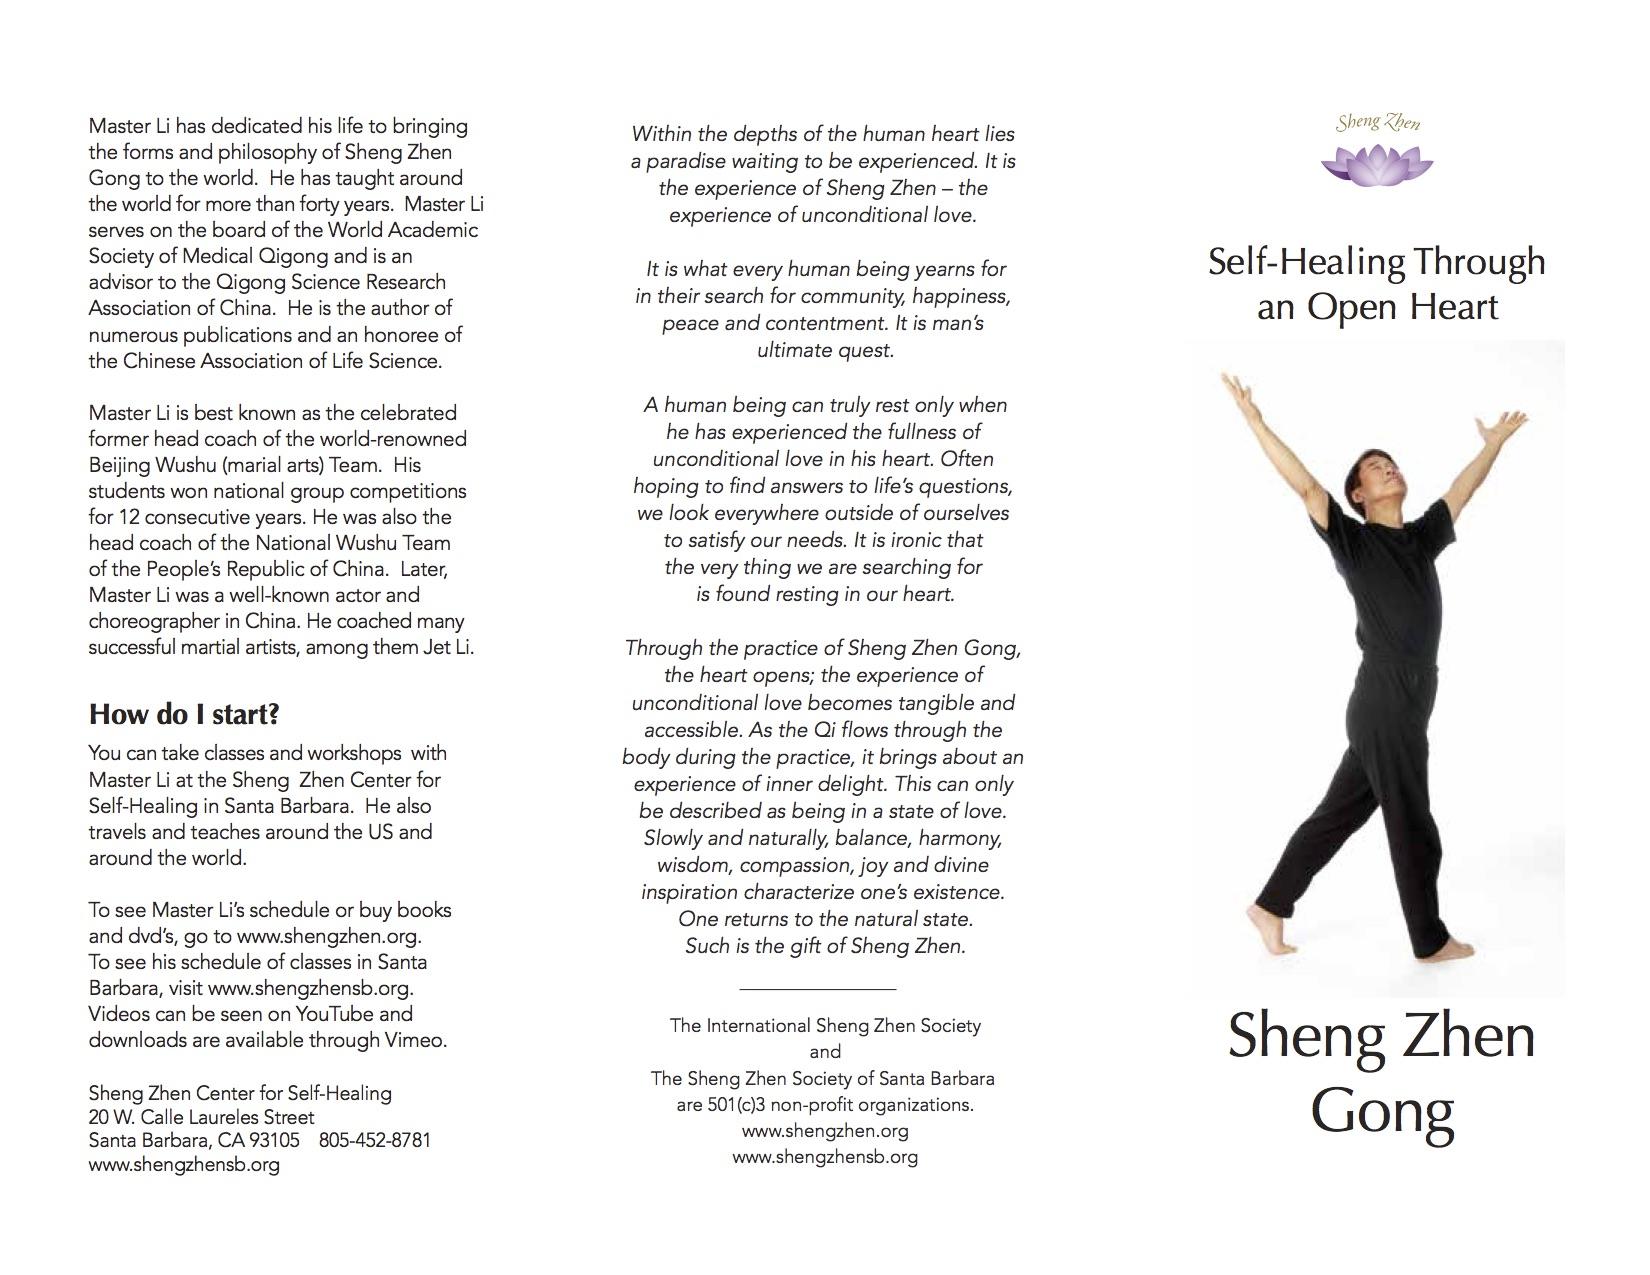 Sheng Zhen Gong Brochure.jpg